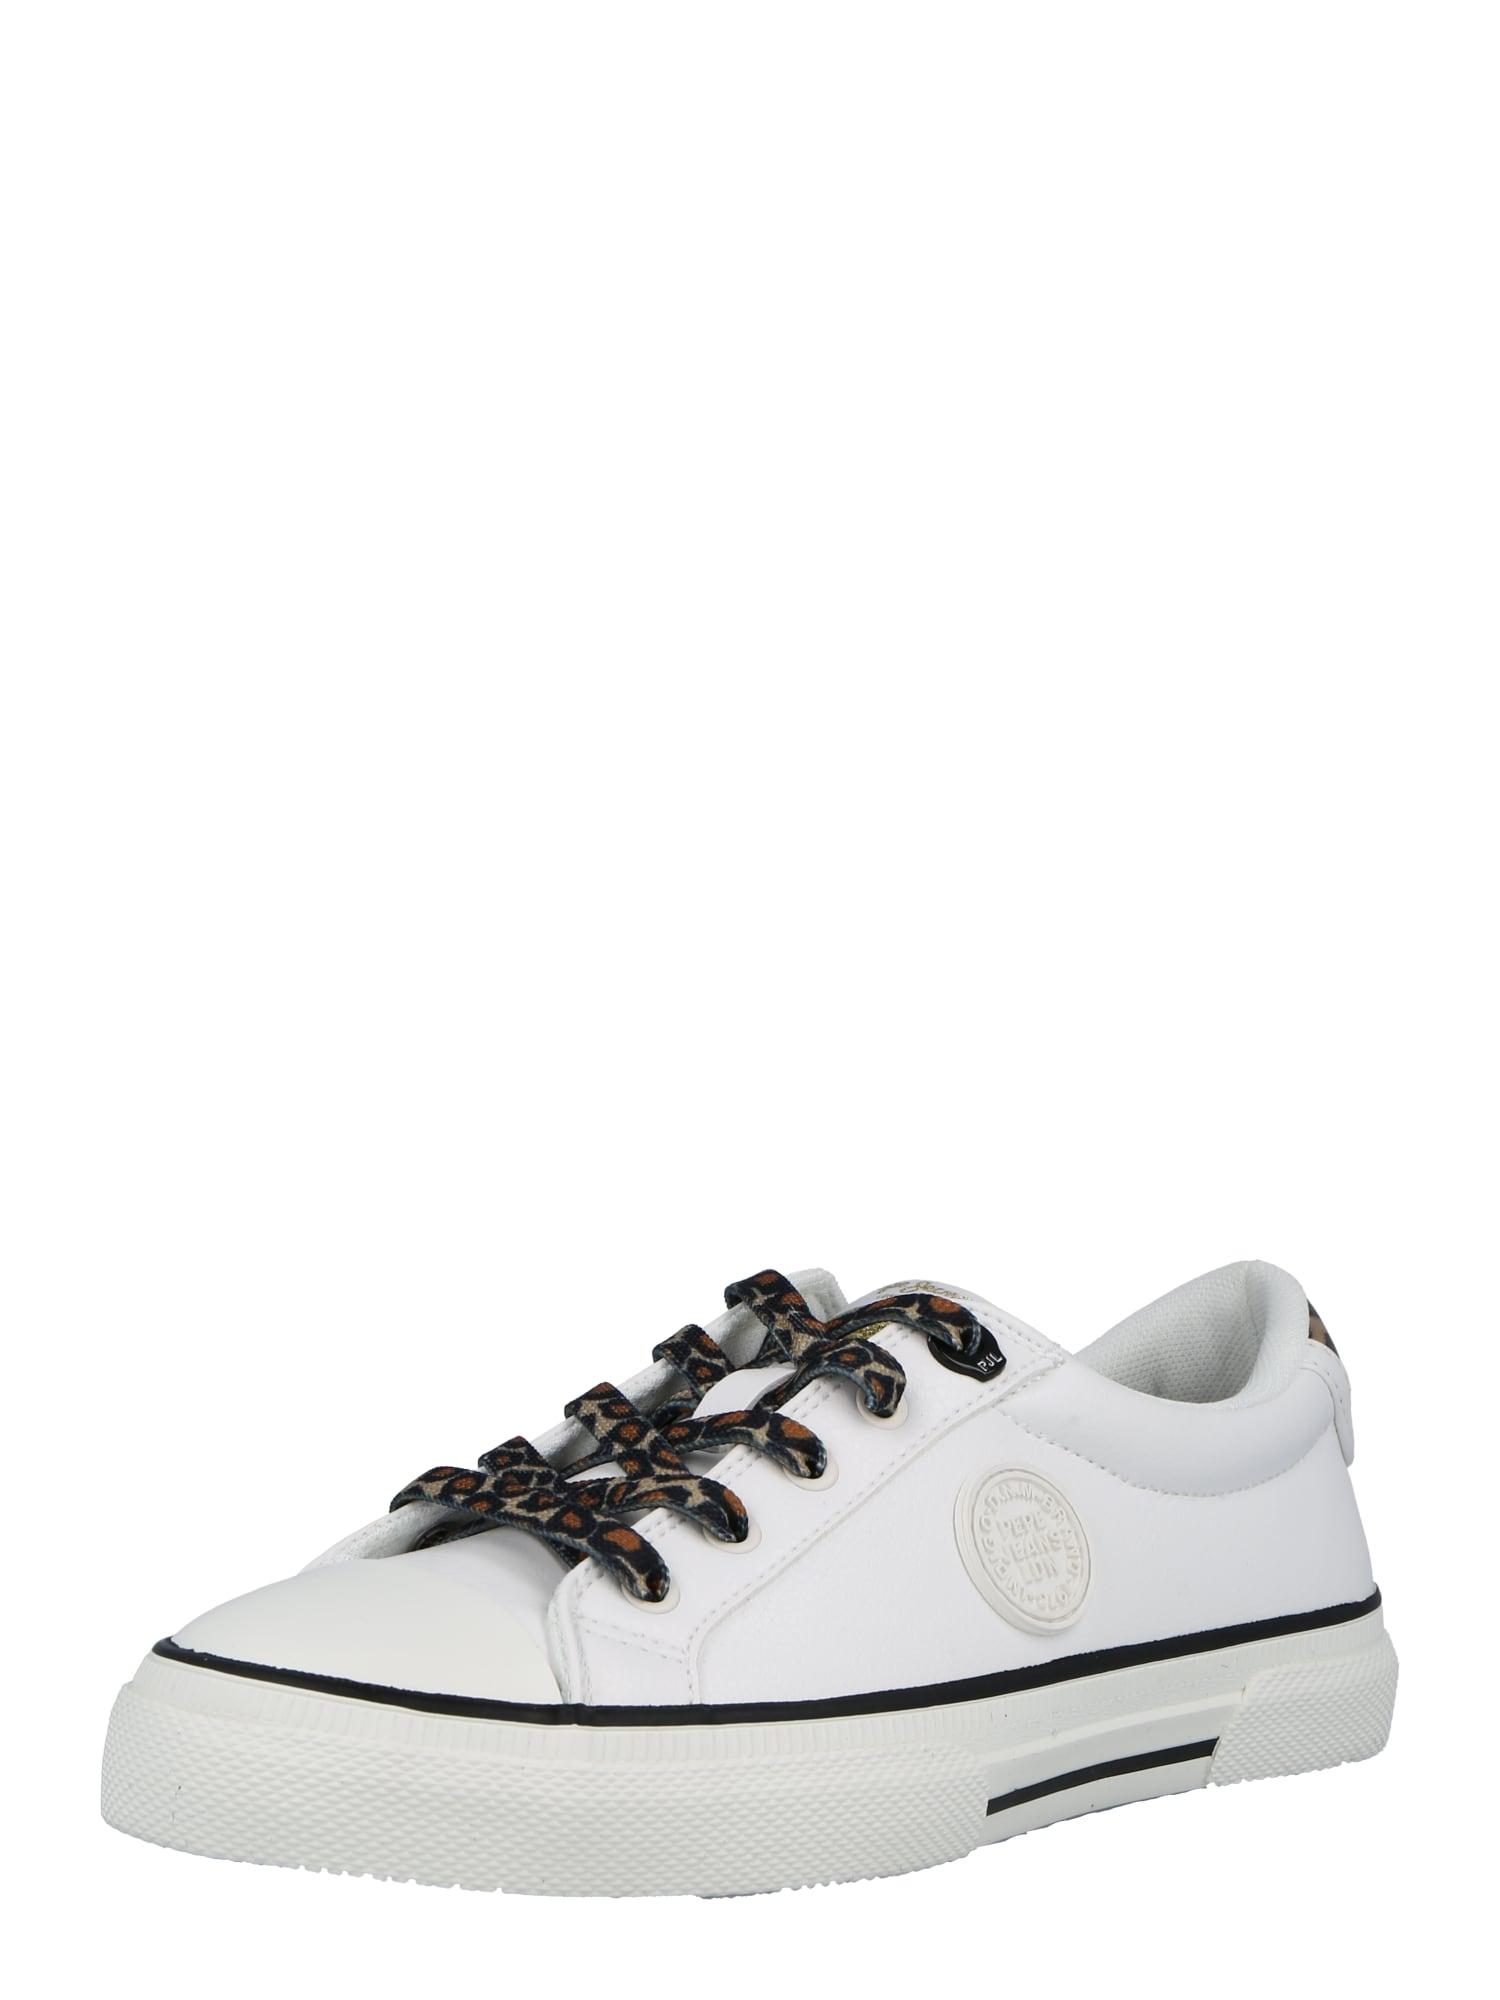 Pepe Jeans Sneaker bassa 'KENTON PATTY' Bianco